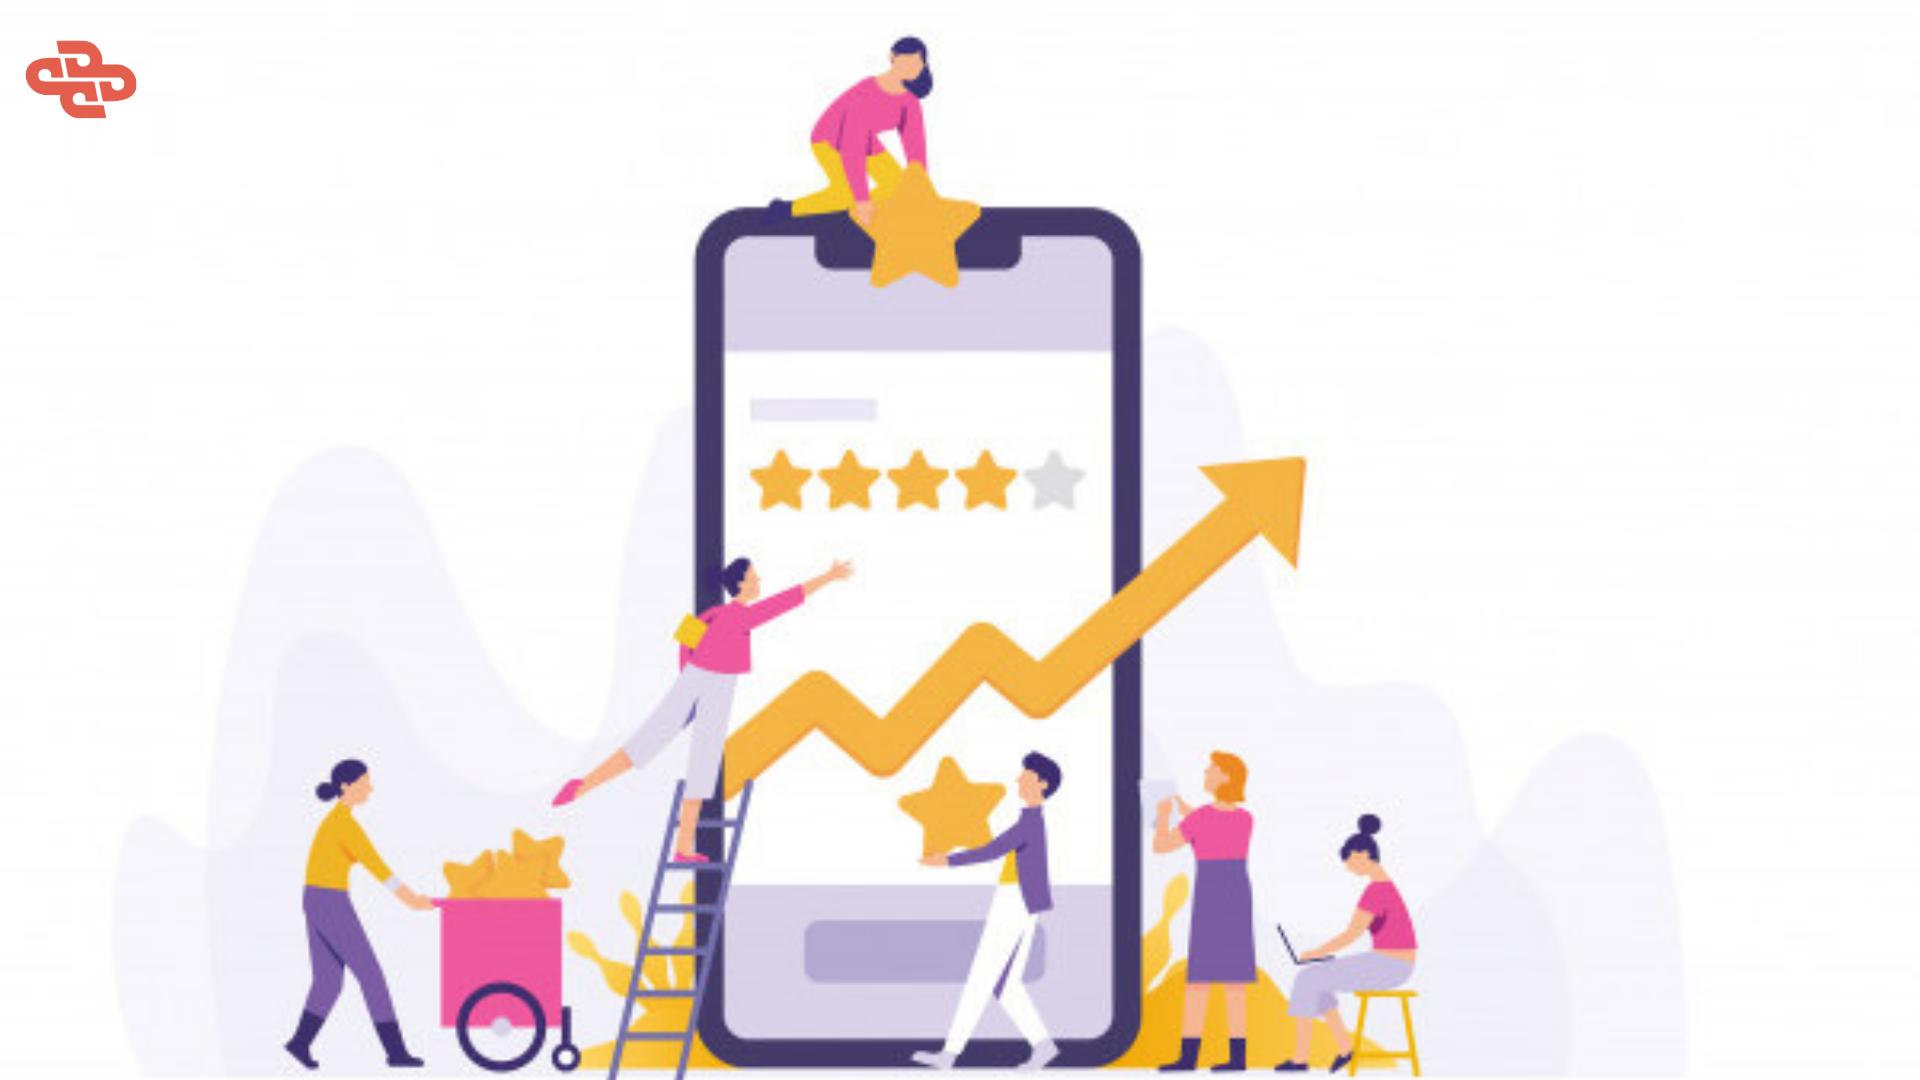 چطور از پنل sms برای نظرسنجی از مشتریان استفاده کنیم؟